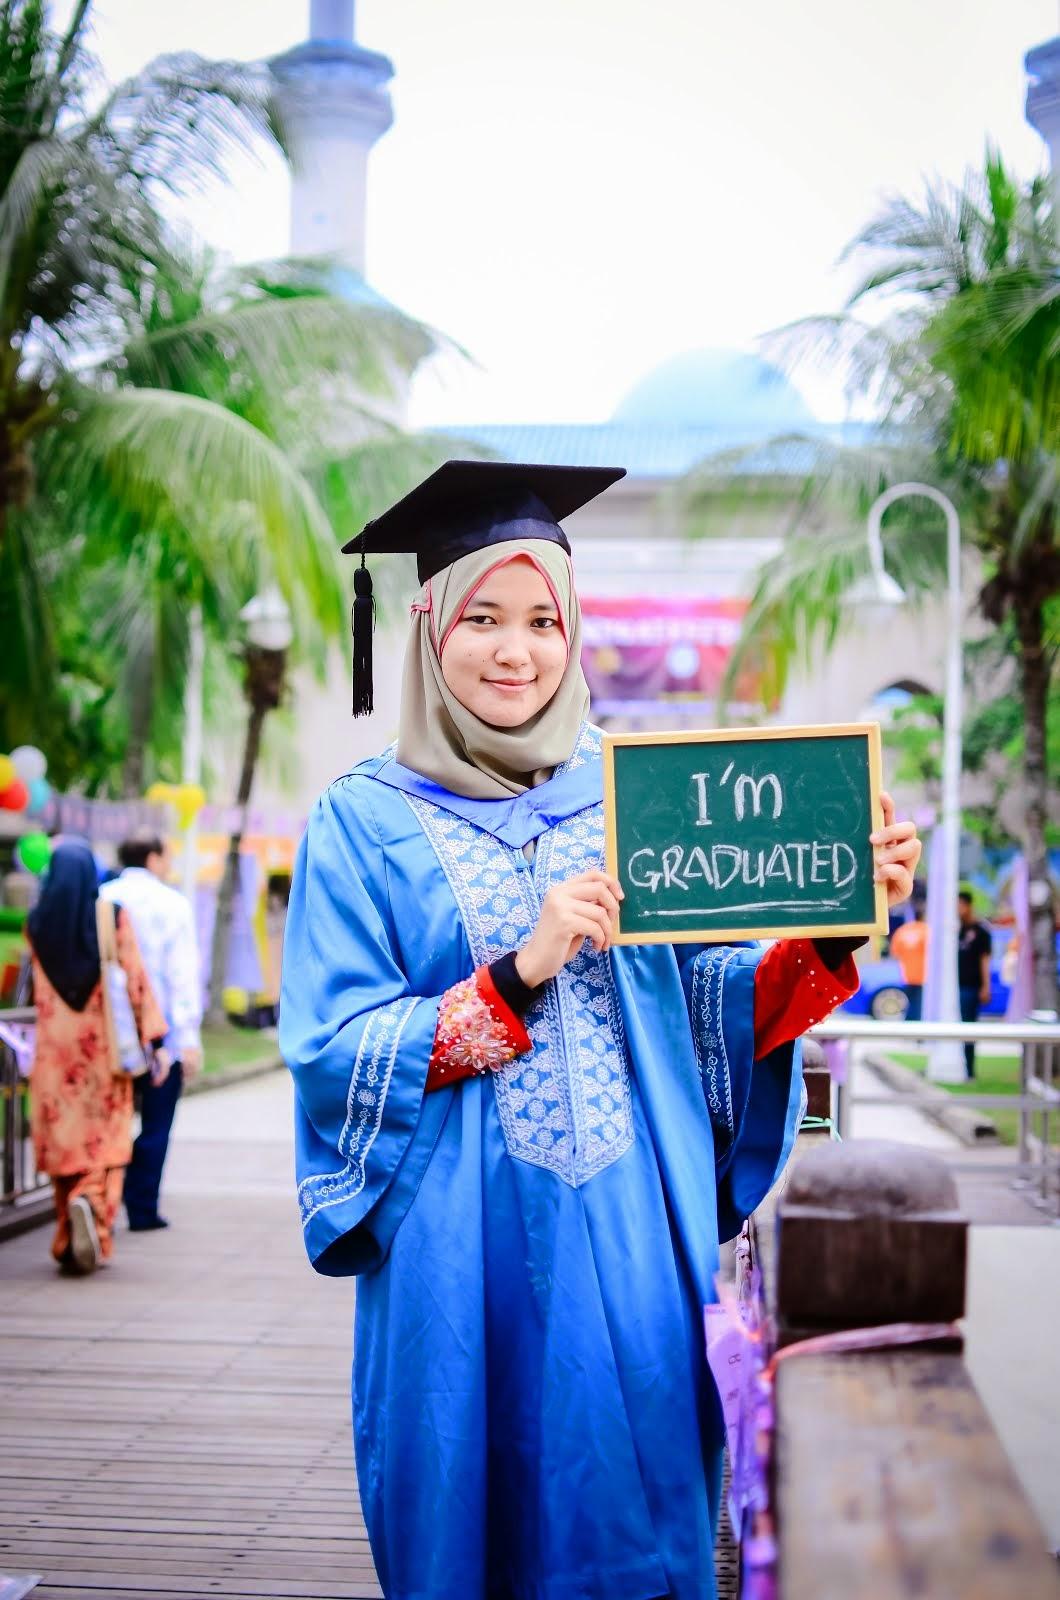 i'm graduated